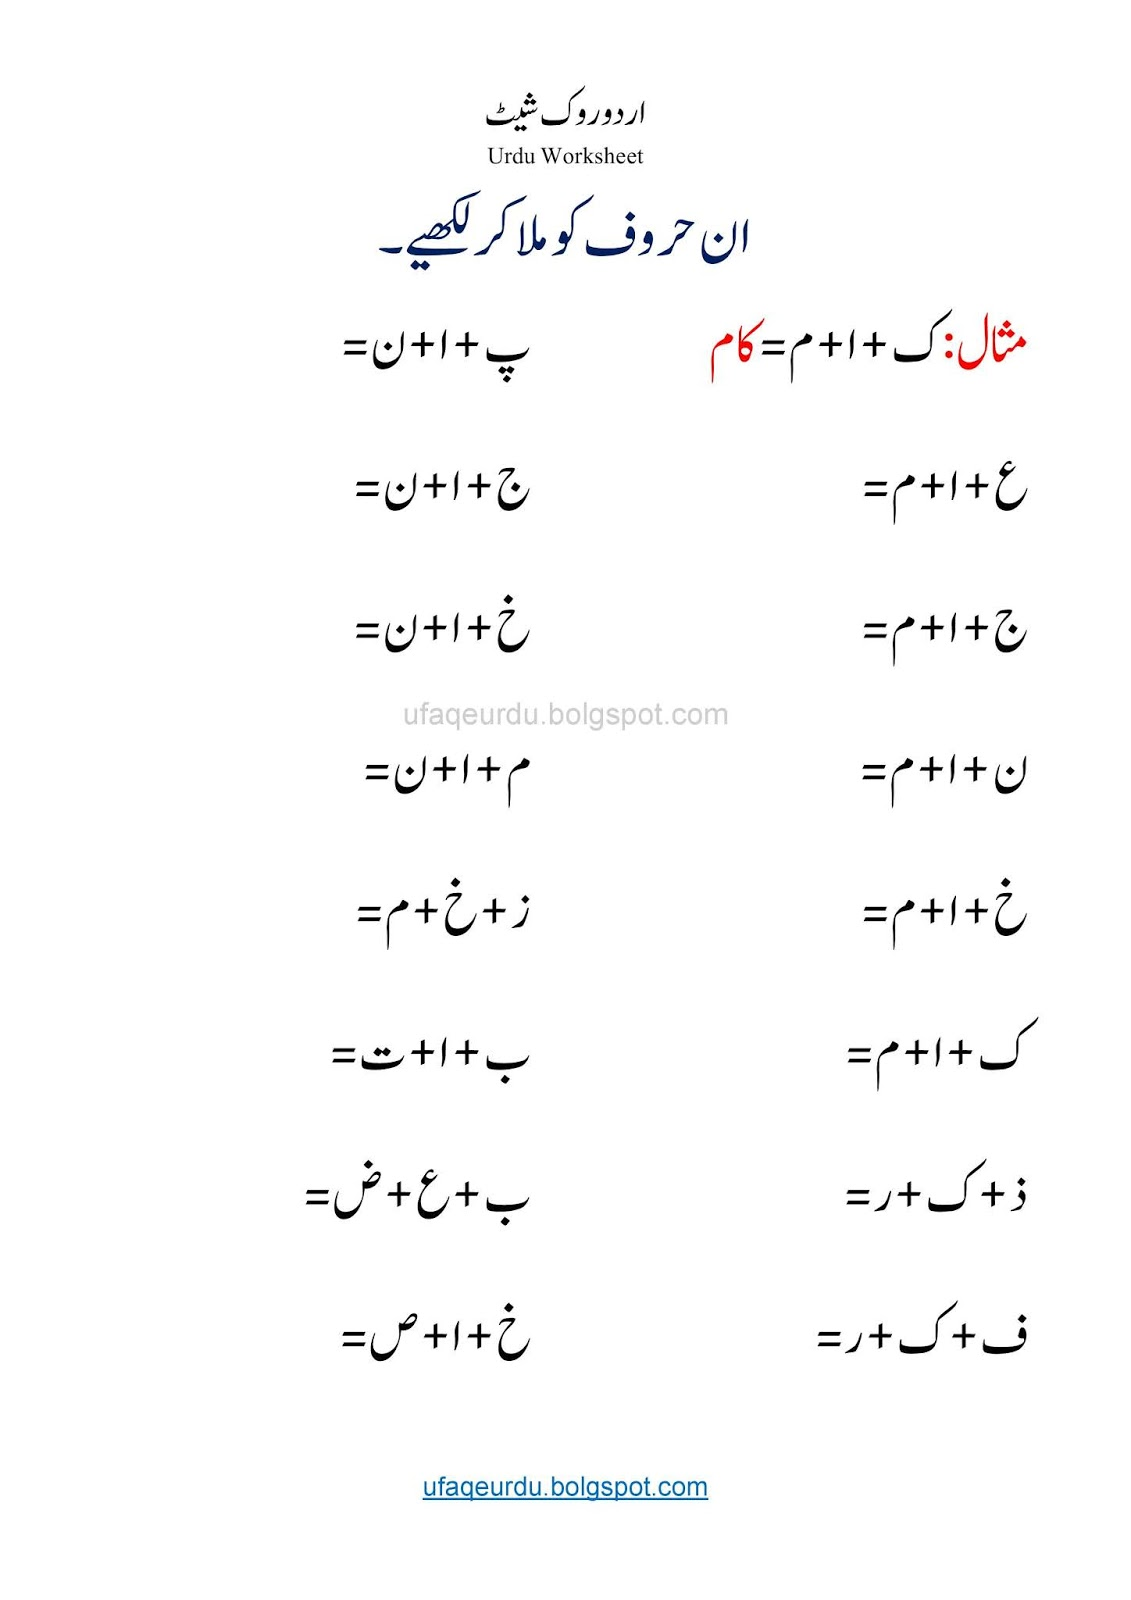 Urdu Worksheets